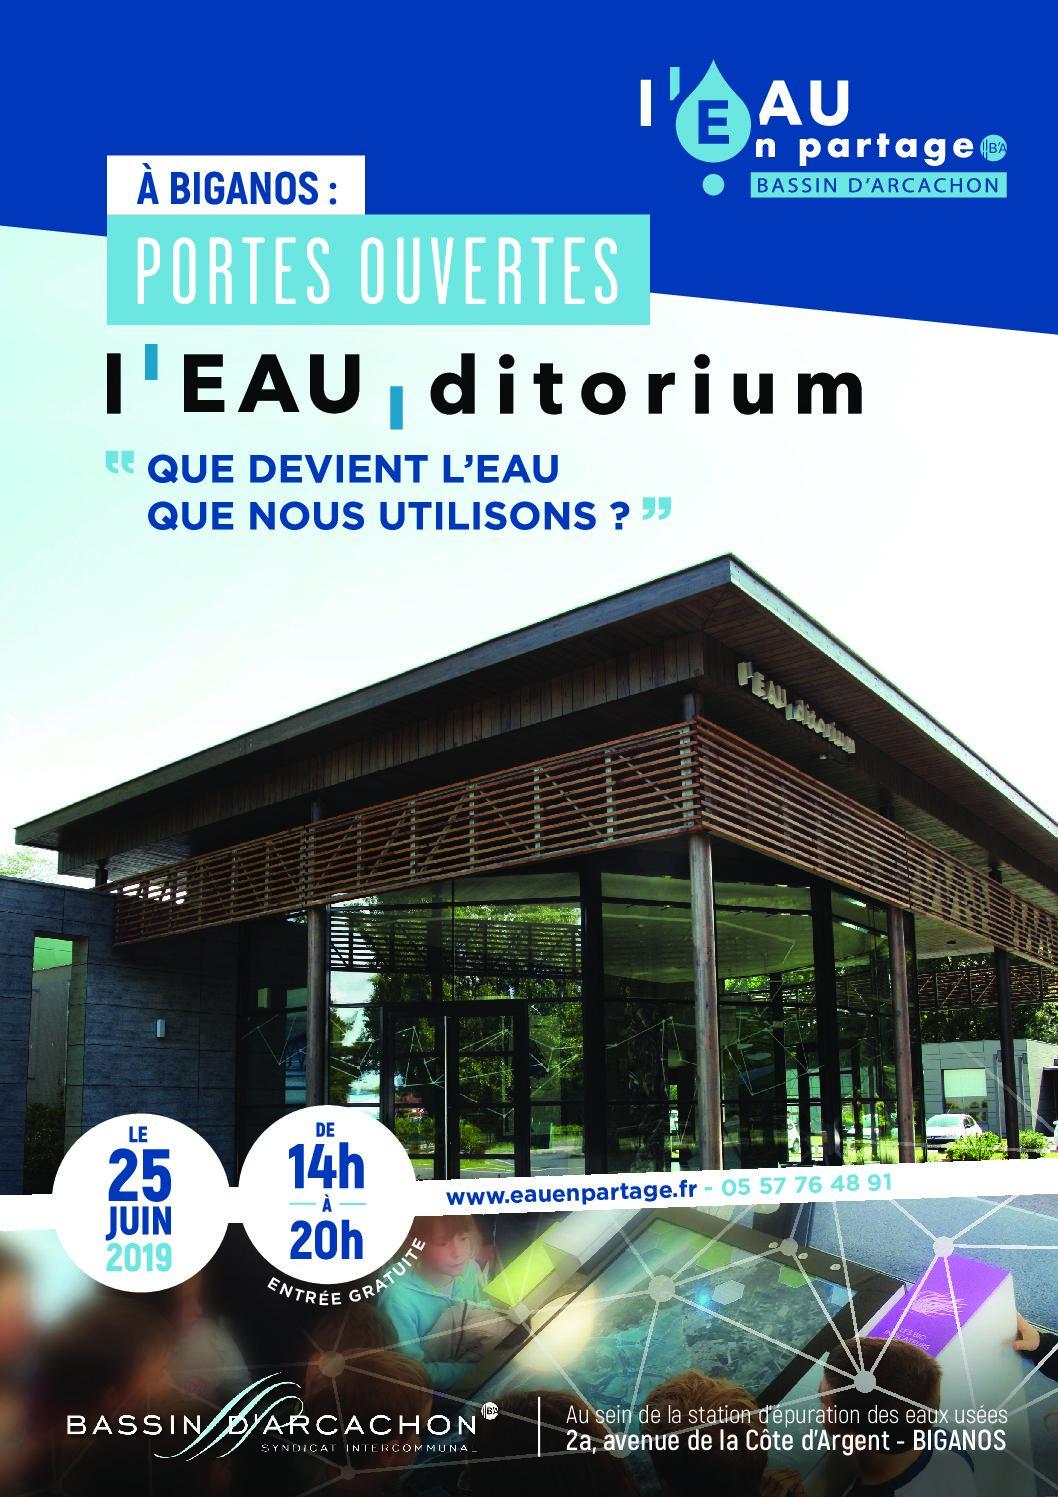 Portes Ouvertes à l'Eau'ditorium de Biganos le 25 juin